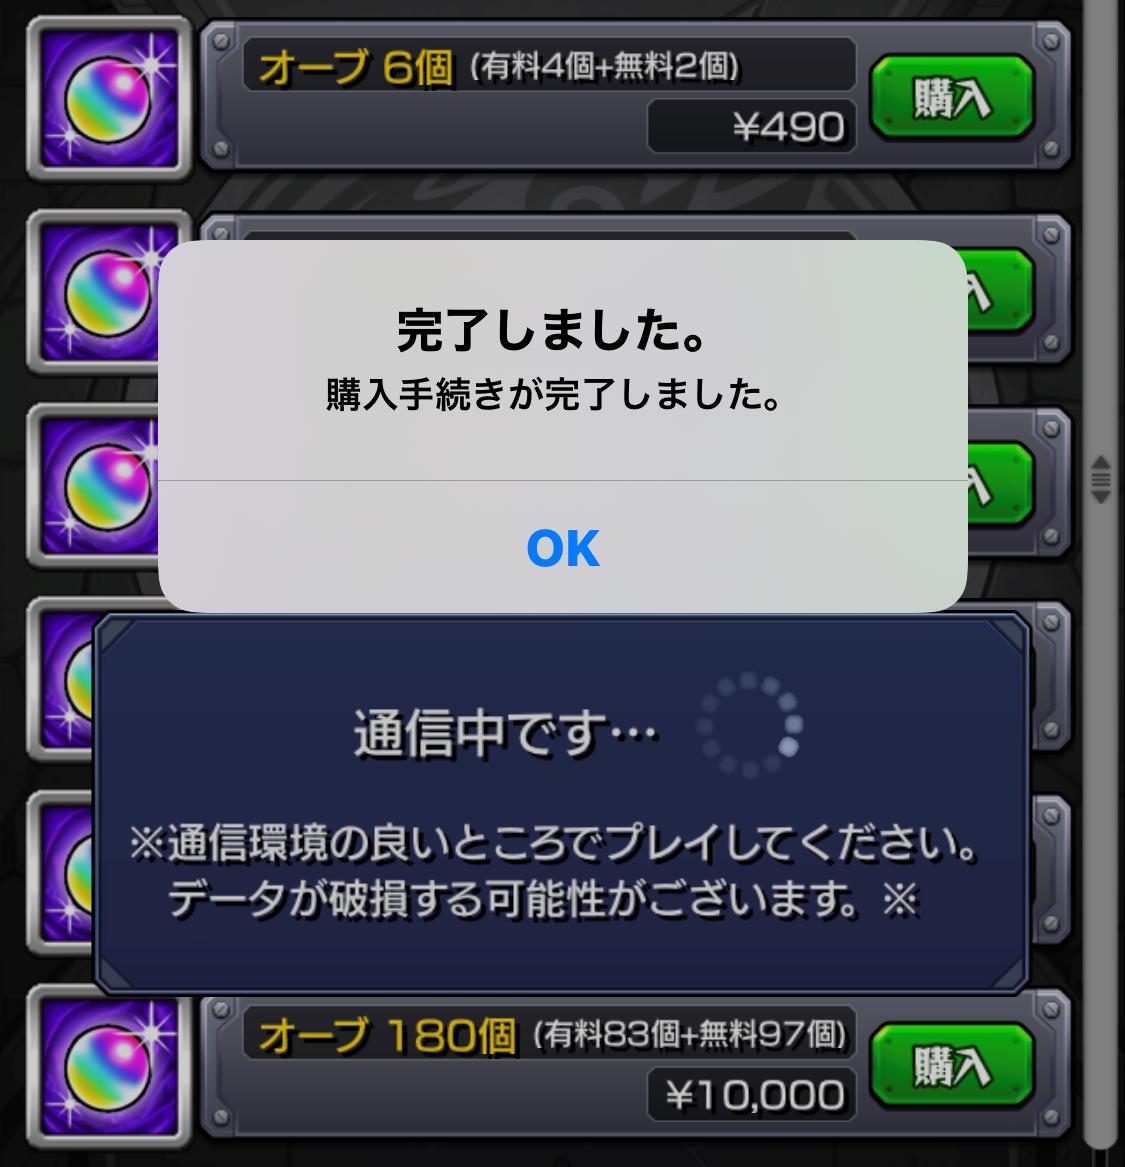 26_追加課金(4万円目)